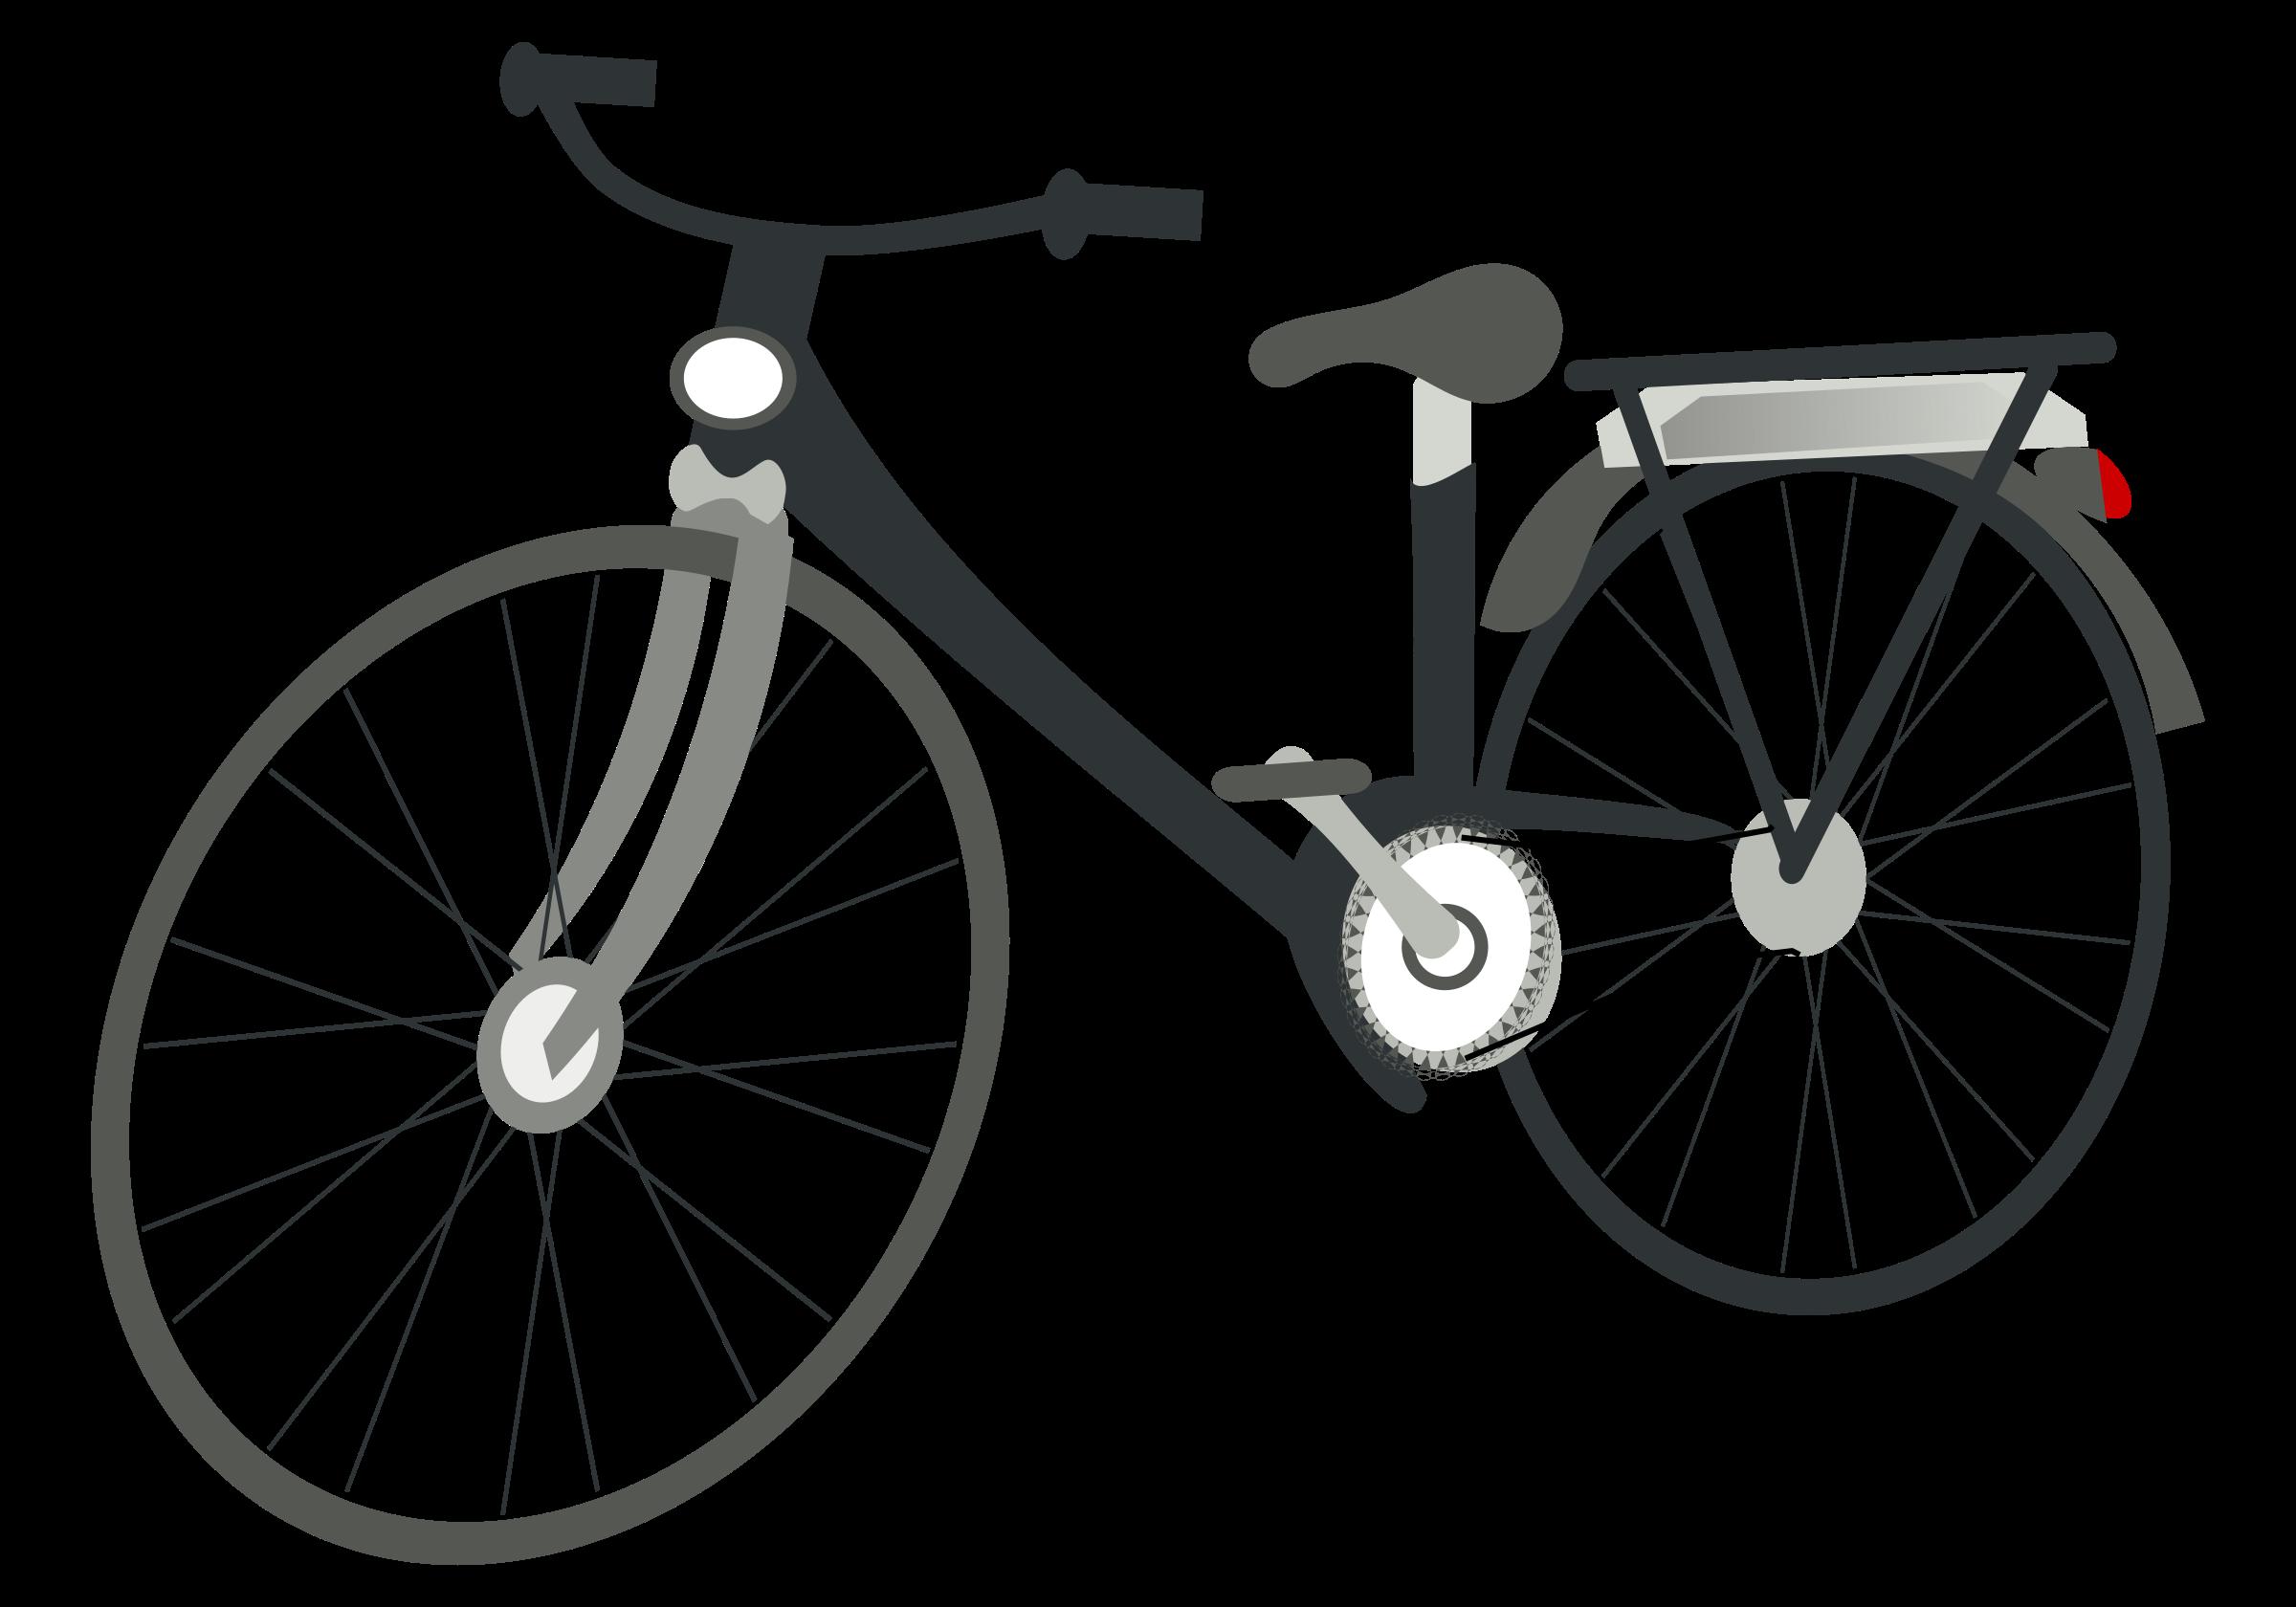 E bike clipart.